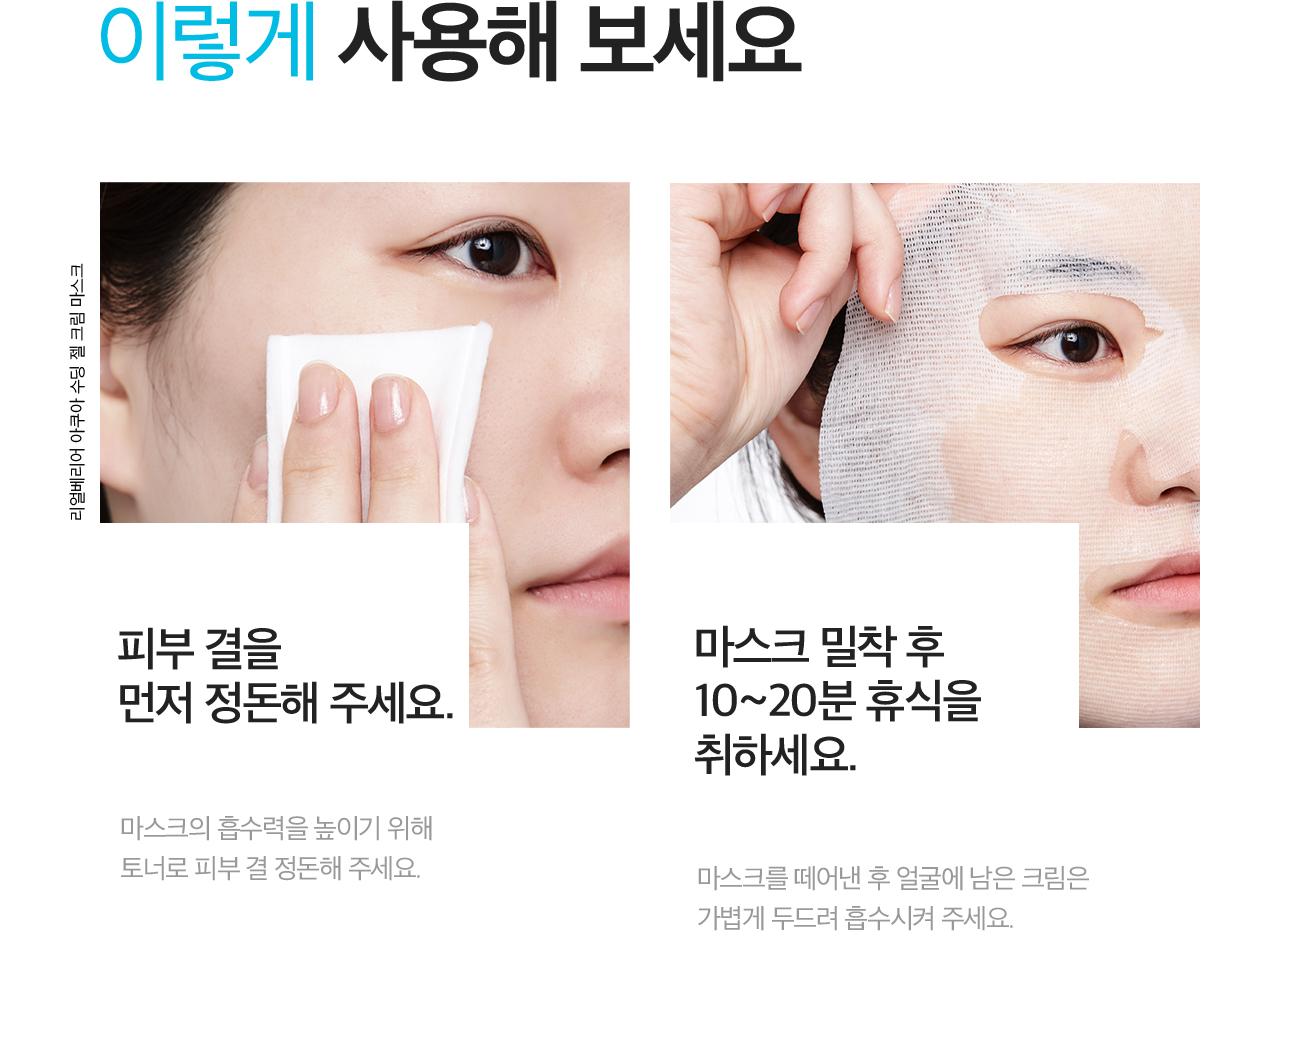 이렇게 사용해 보세요. 피부 결을 먼저 정돈해 주세요. 마스크의 흡수력을 높이기 위해 토너로 피부 결 정돈해 주세요. 마스크 밀착 후 10~20분 휴식을 취하세요. 마스크를 떼어낸 후 얼굴에 남은 크림은 가볍게 두드려 흡수시켜 주세요.